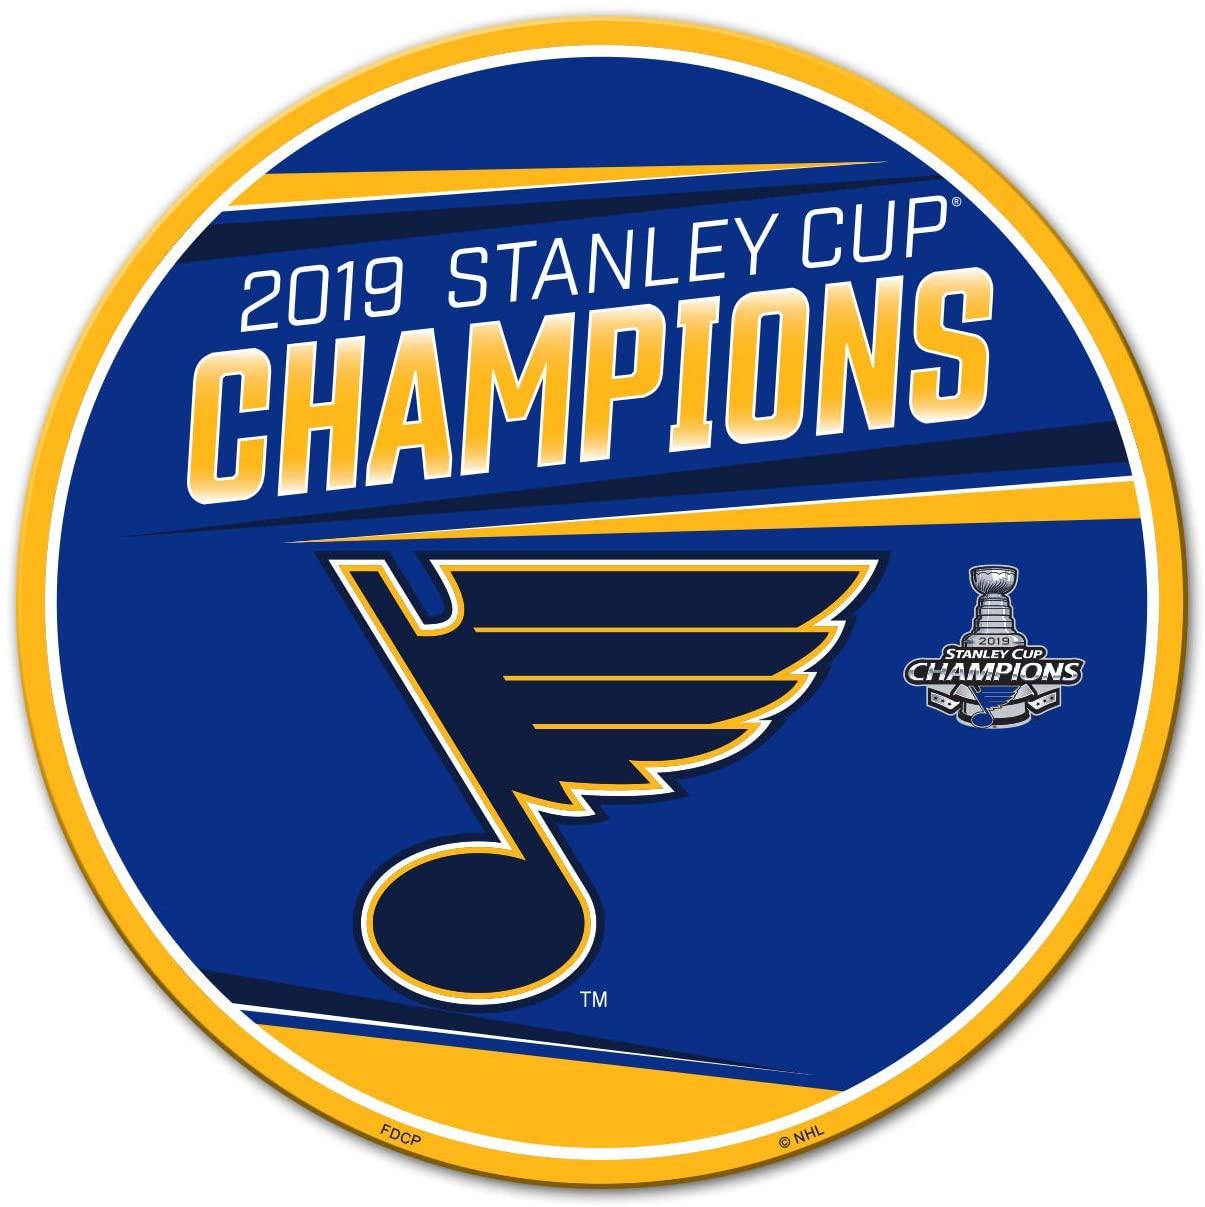 Fremont Die NHL St. Louis Blues Unisex NHL St. Louis Blues 2019 Stanley Cup Champions 12-Inch MagnetNHL St. Louis Blues 2019 Stanley Cup Champions 12-Inch Magnet, Team Colors, 12